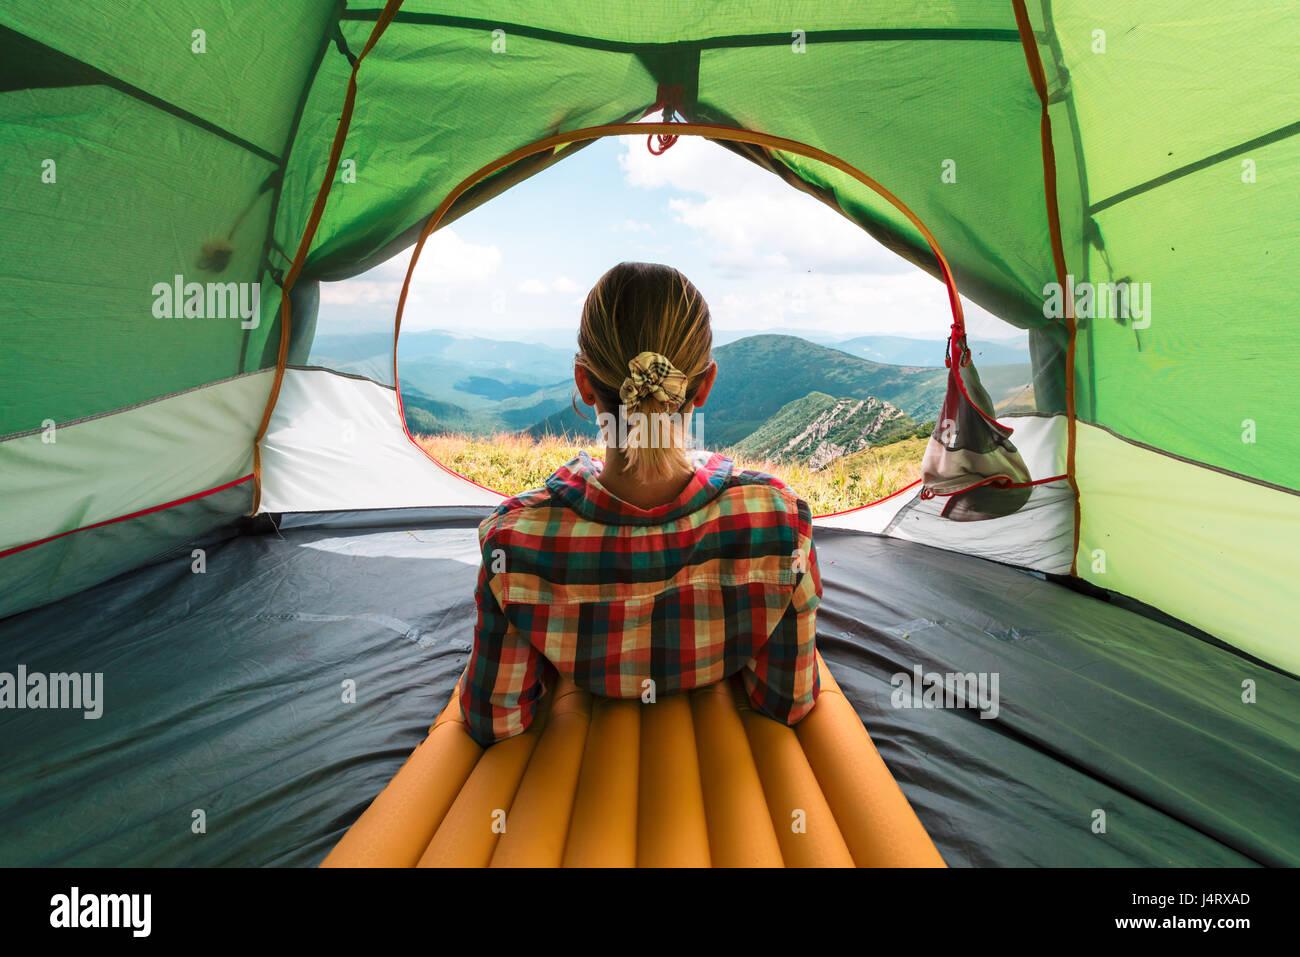 Ragazza seduta in essi tenda contro lo sfondo di un incredibile paesaggio di montagna. Giornata di sole in highland Immagini Stock